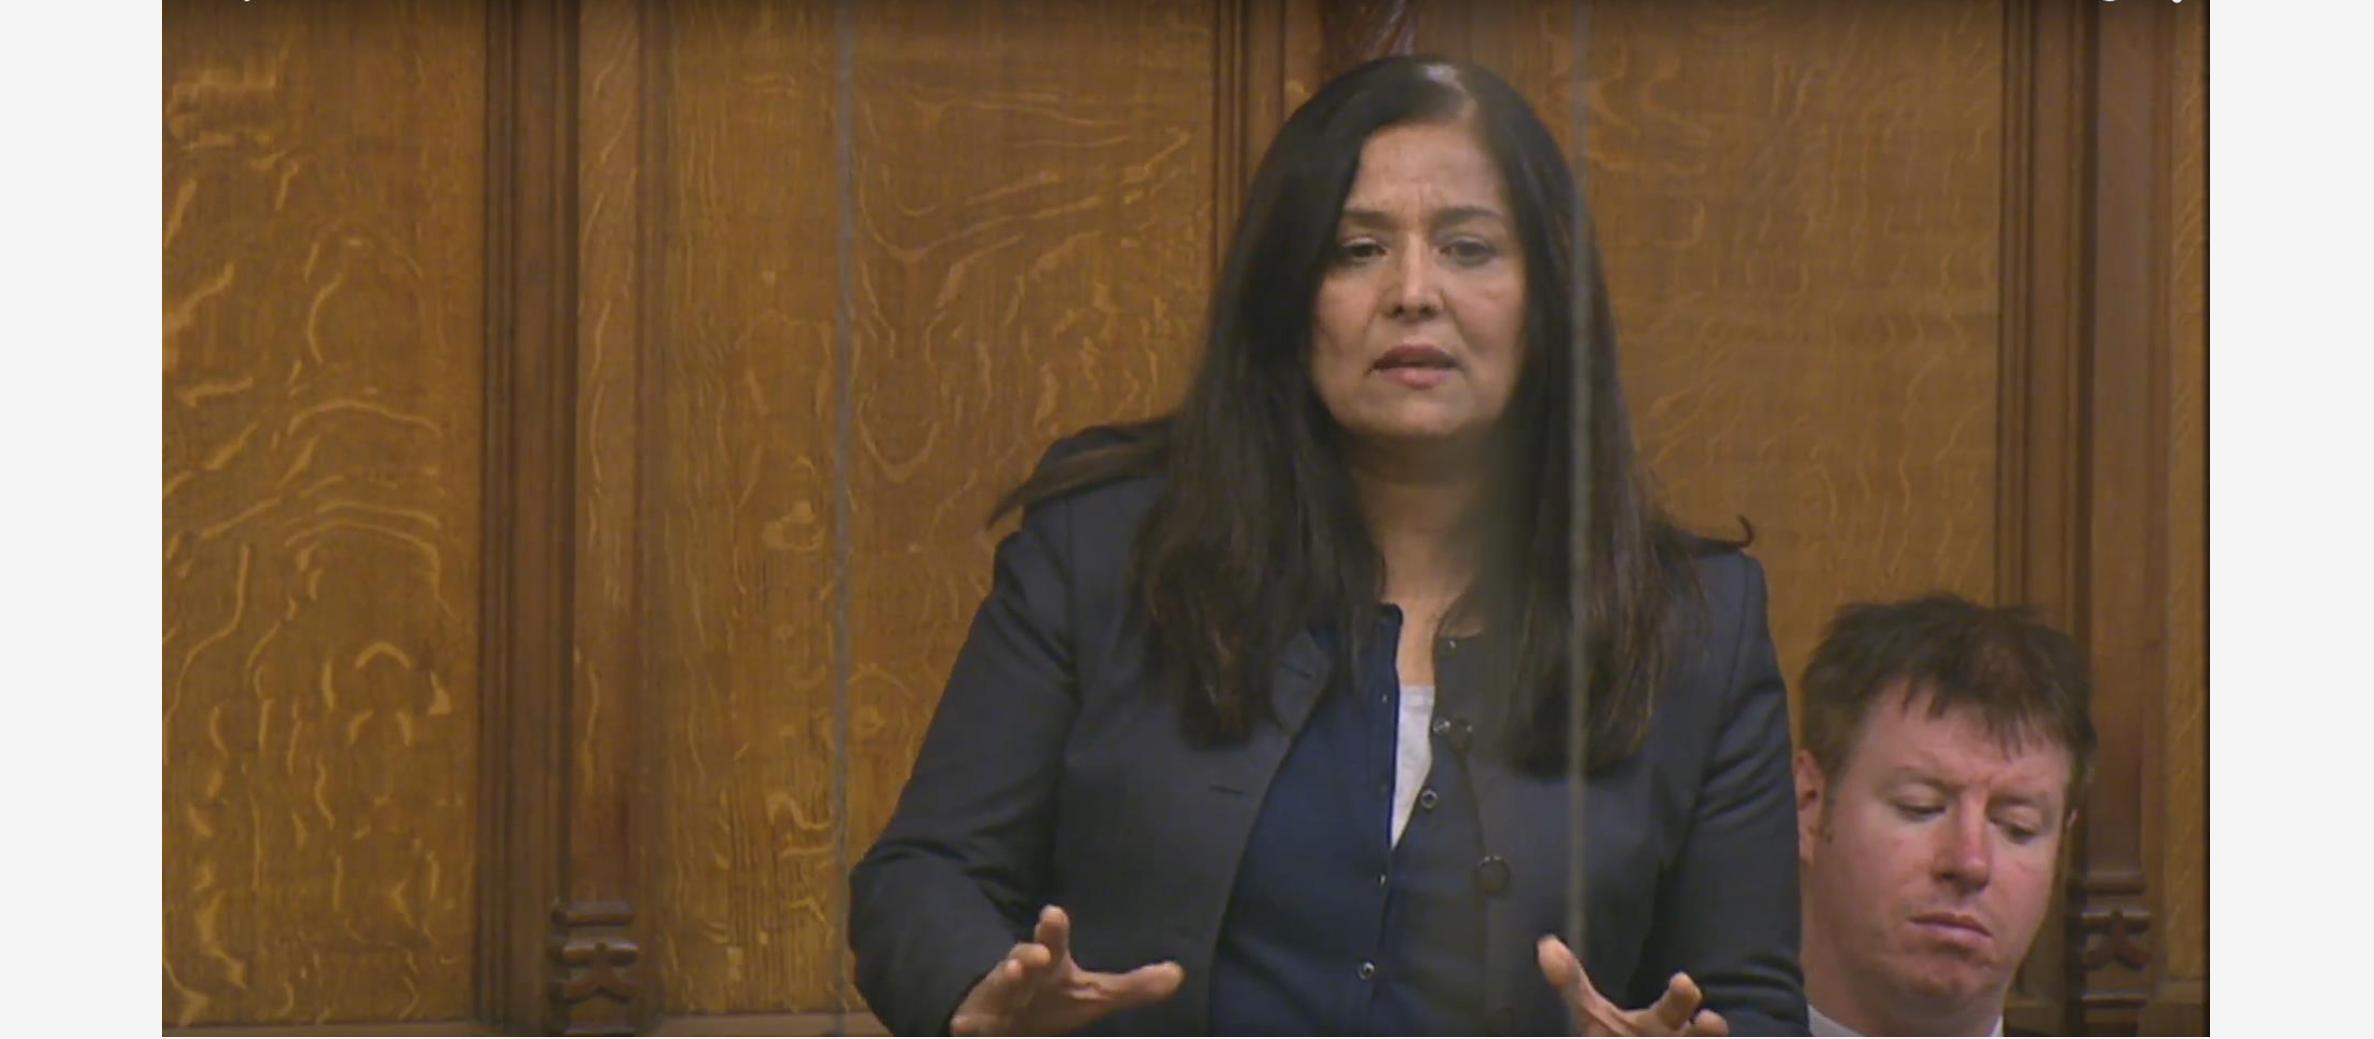 """MP says """"Palestinian-Israel conflict"""" is """"key"""" in ISIS airstrike debate"""